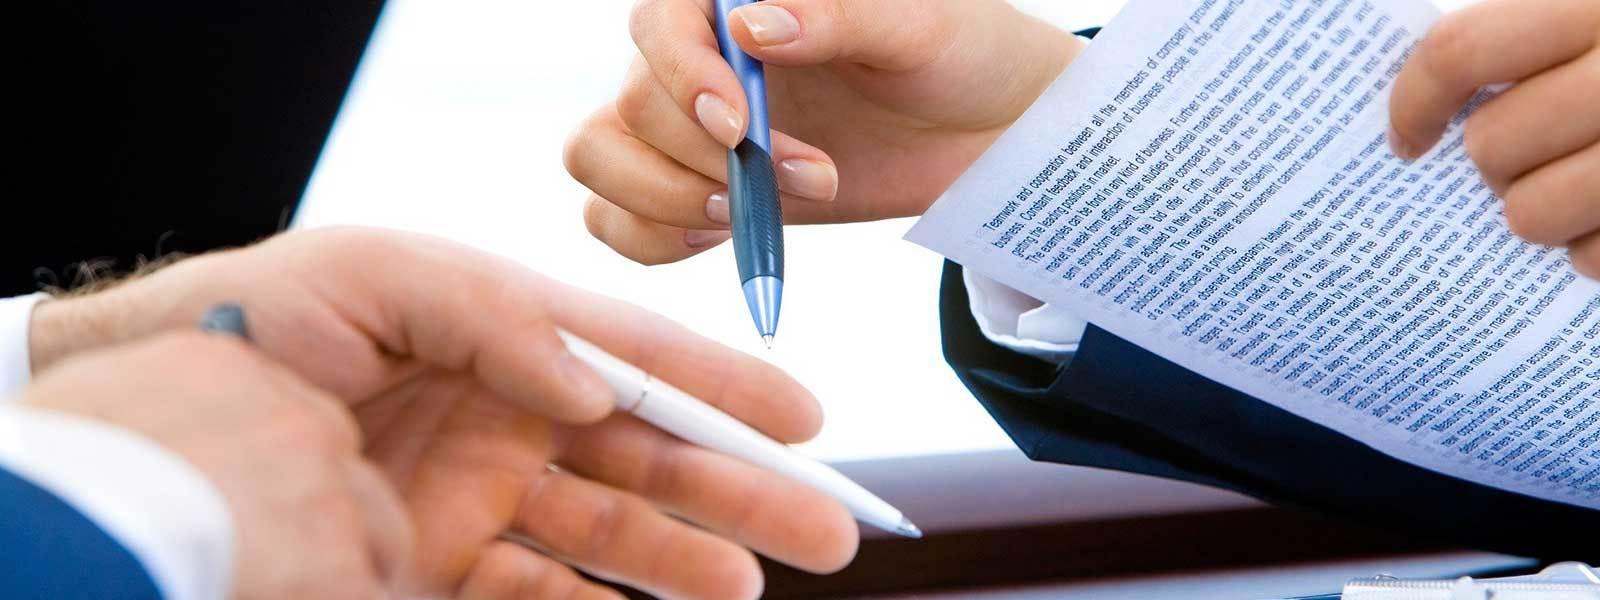 I rischi della gestione cartacea privacy: avvocatessa riutilizza fogli già stampati con i dati sensibili di clienti passati